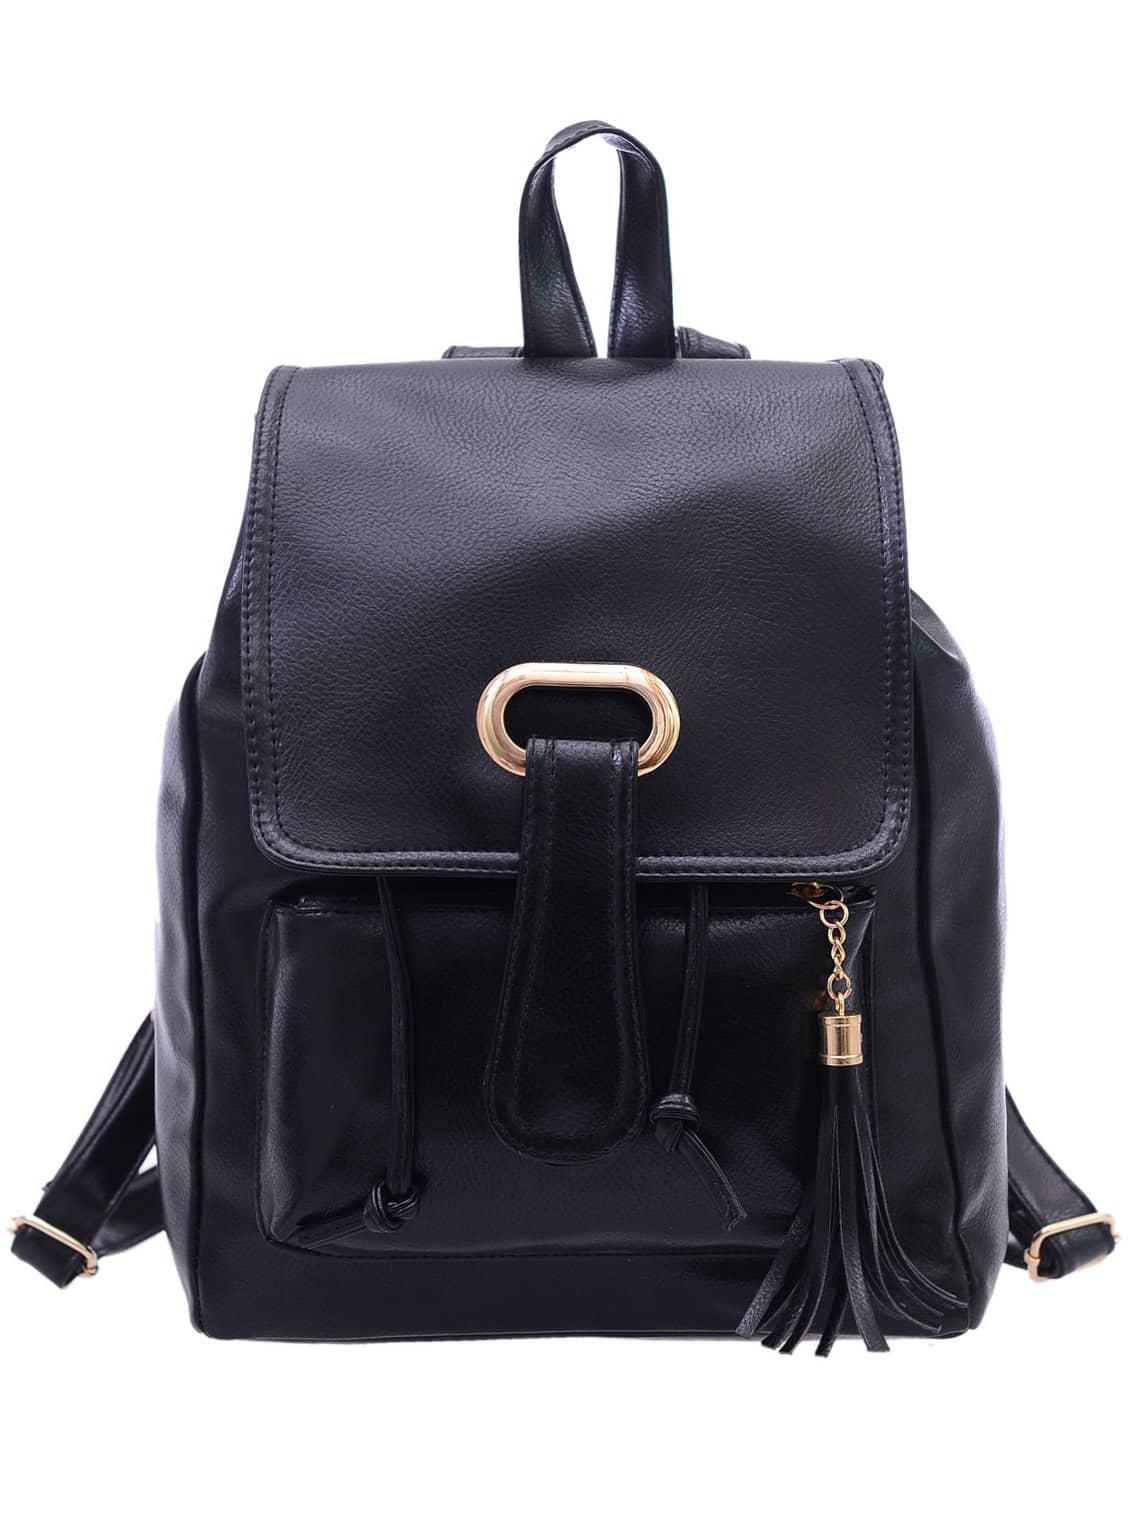 Фото Faux Leather Tassel Embellished Flap Backpack - Black. Купить с доставкой